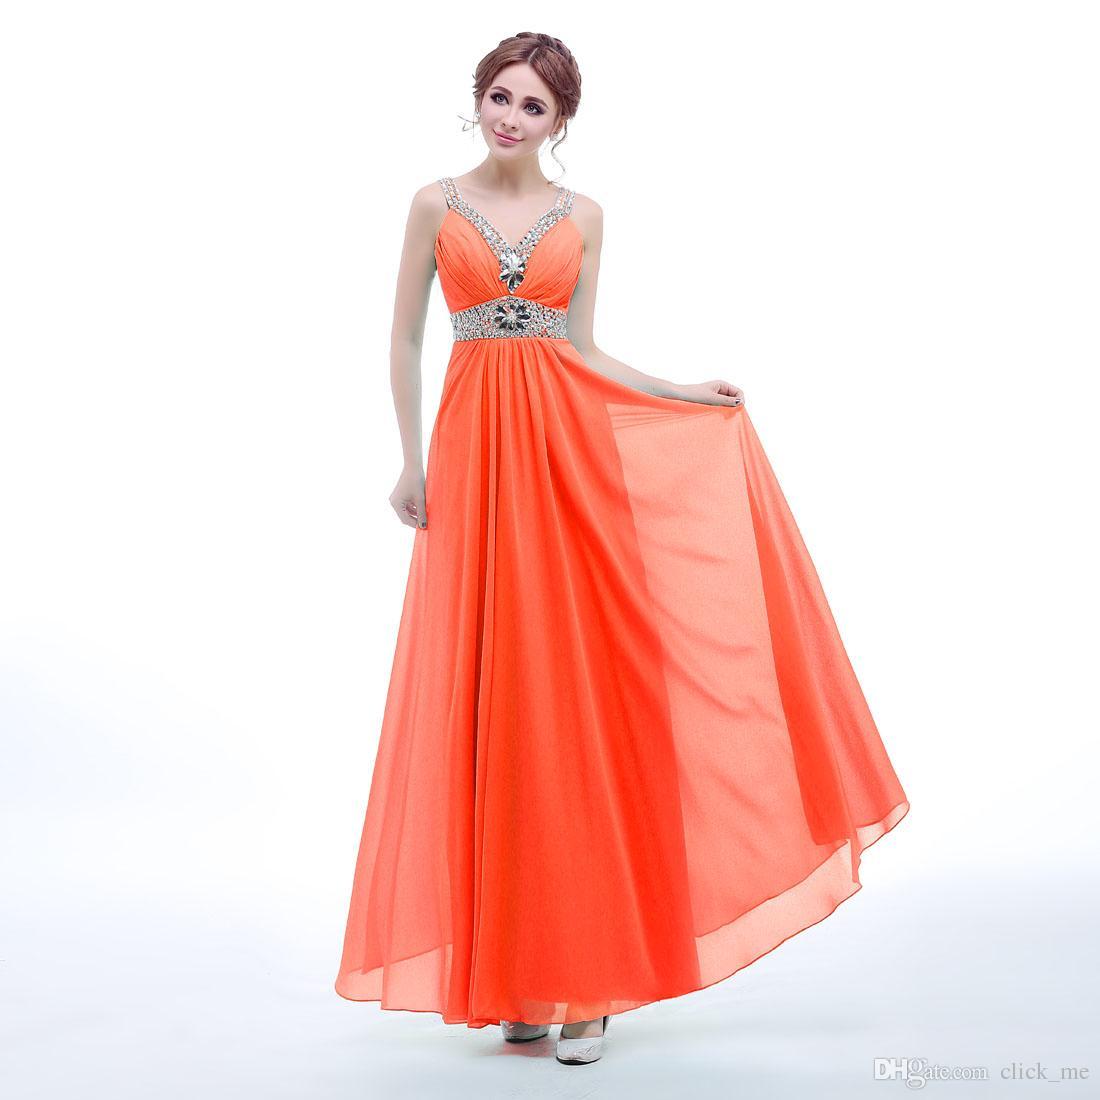 リム画像の花嫁介添人ドレス安いVネックビーズクリスタルシフォンブライドメイドドレス50サッシローバック包帯フォーマルガウン